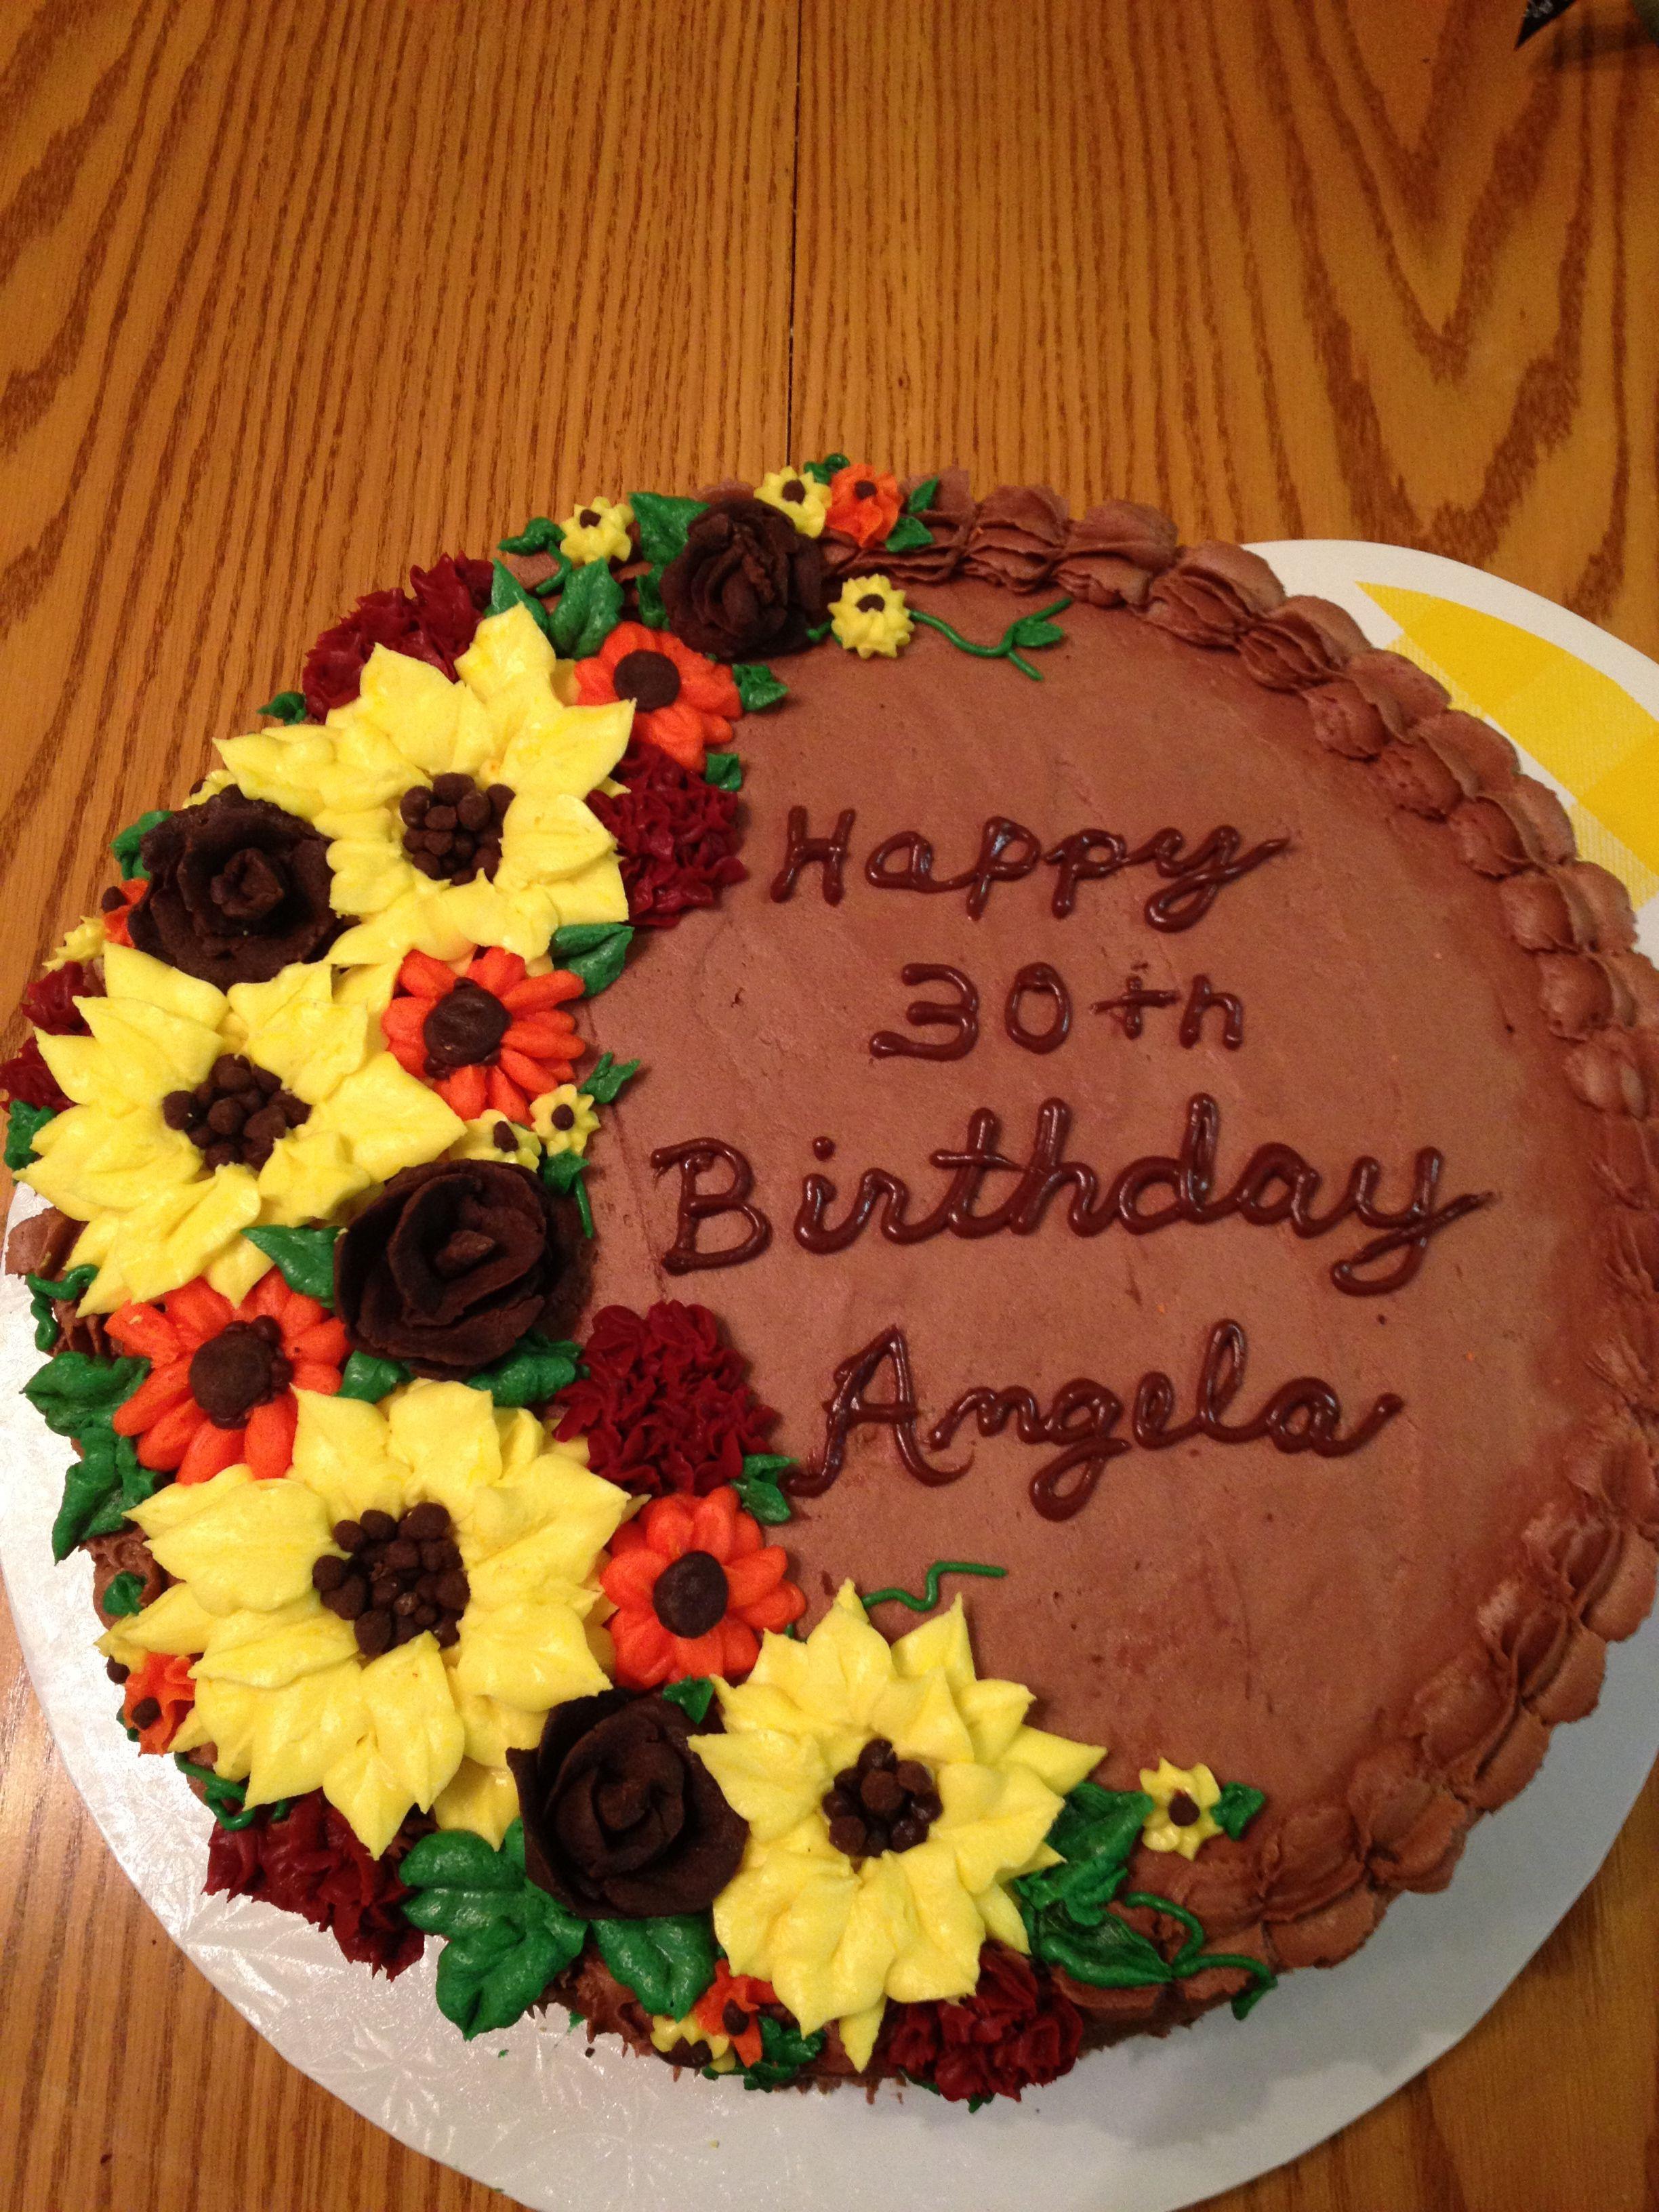 Fall Birthday Cake  Fall birthday cake Baking Must Try